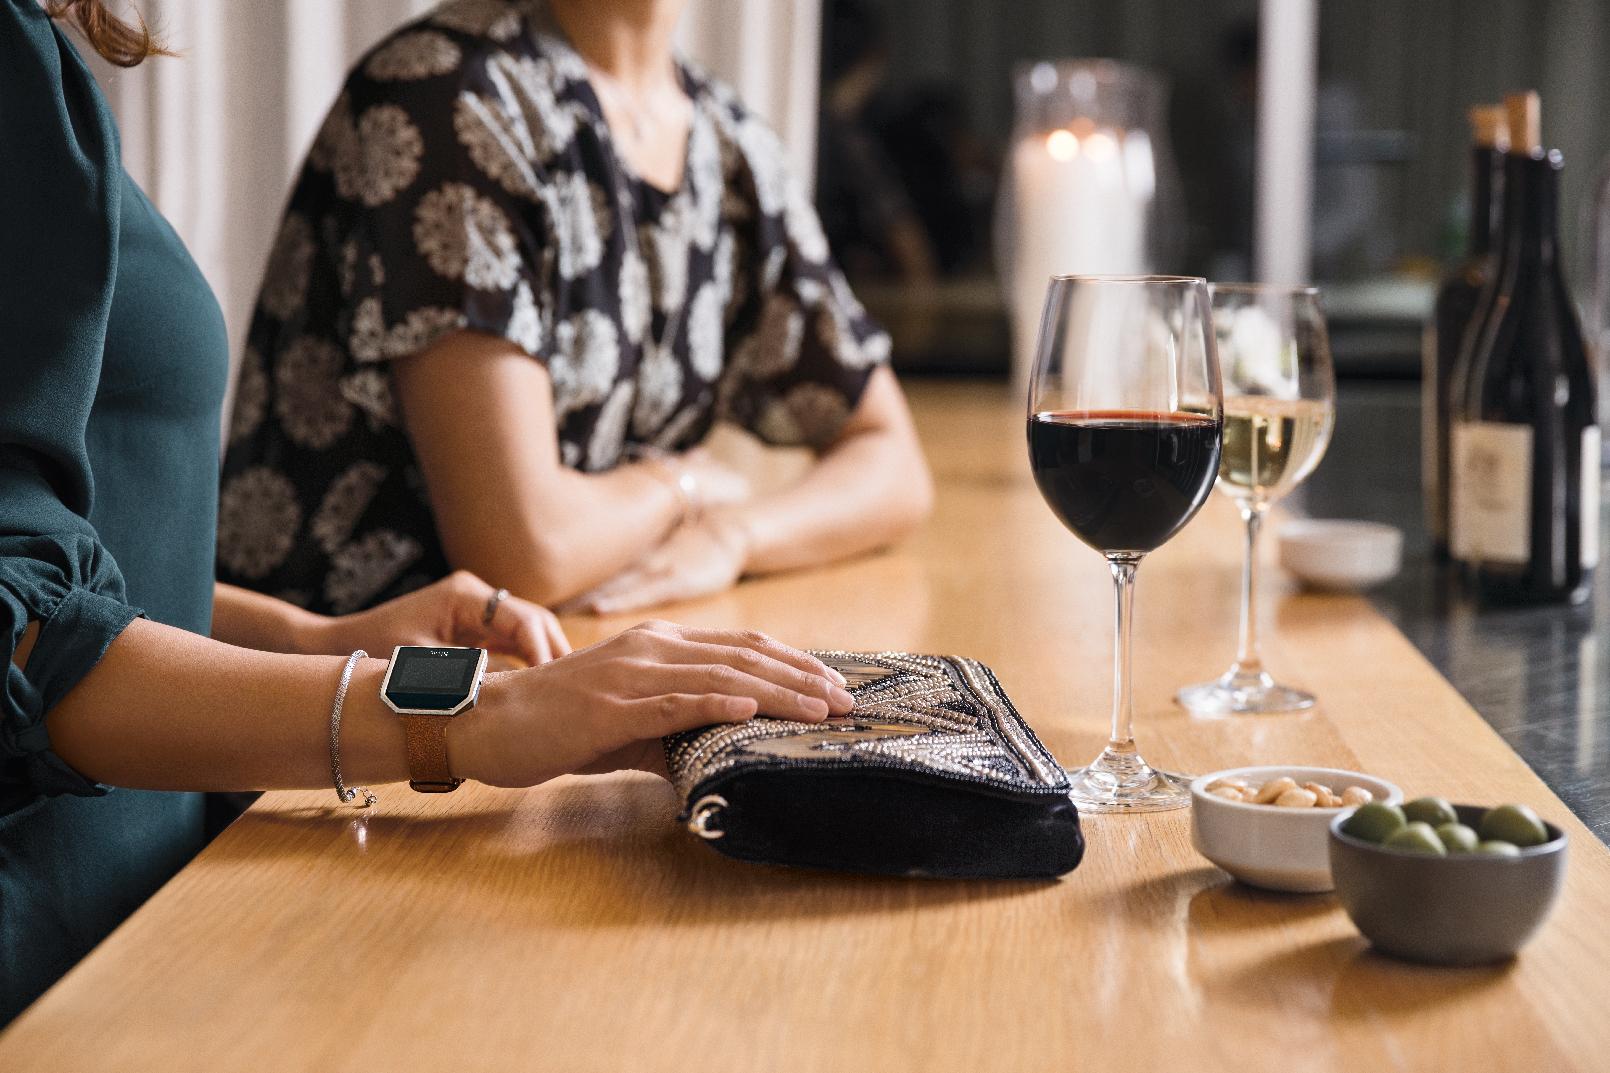 Woman drinking wine wearing a Fitbit Blaze